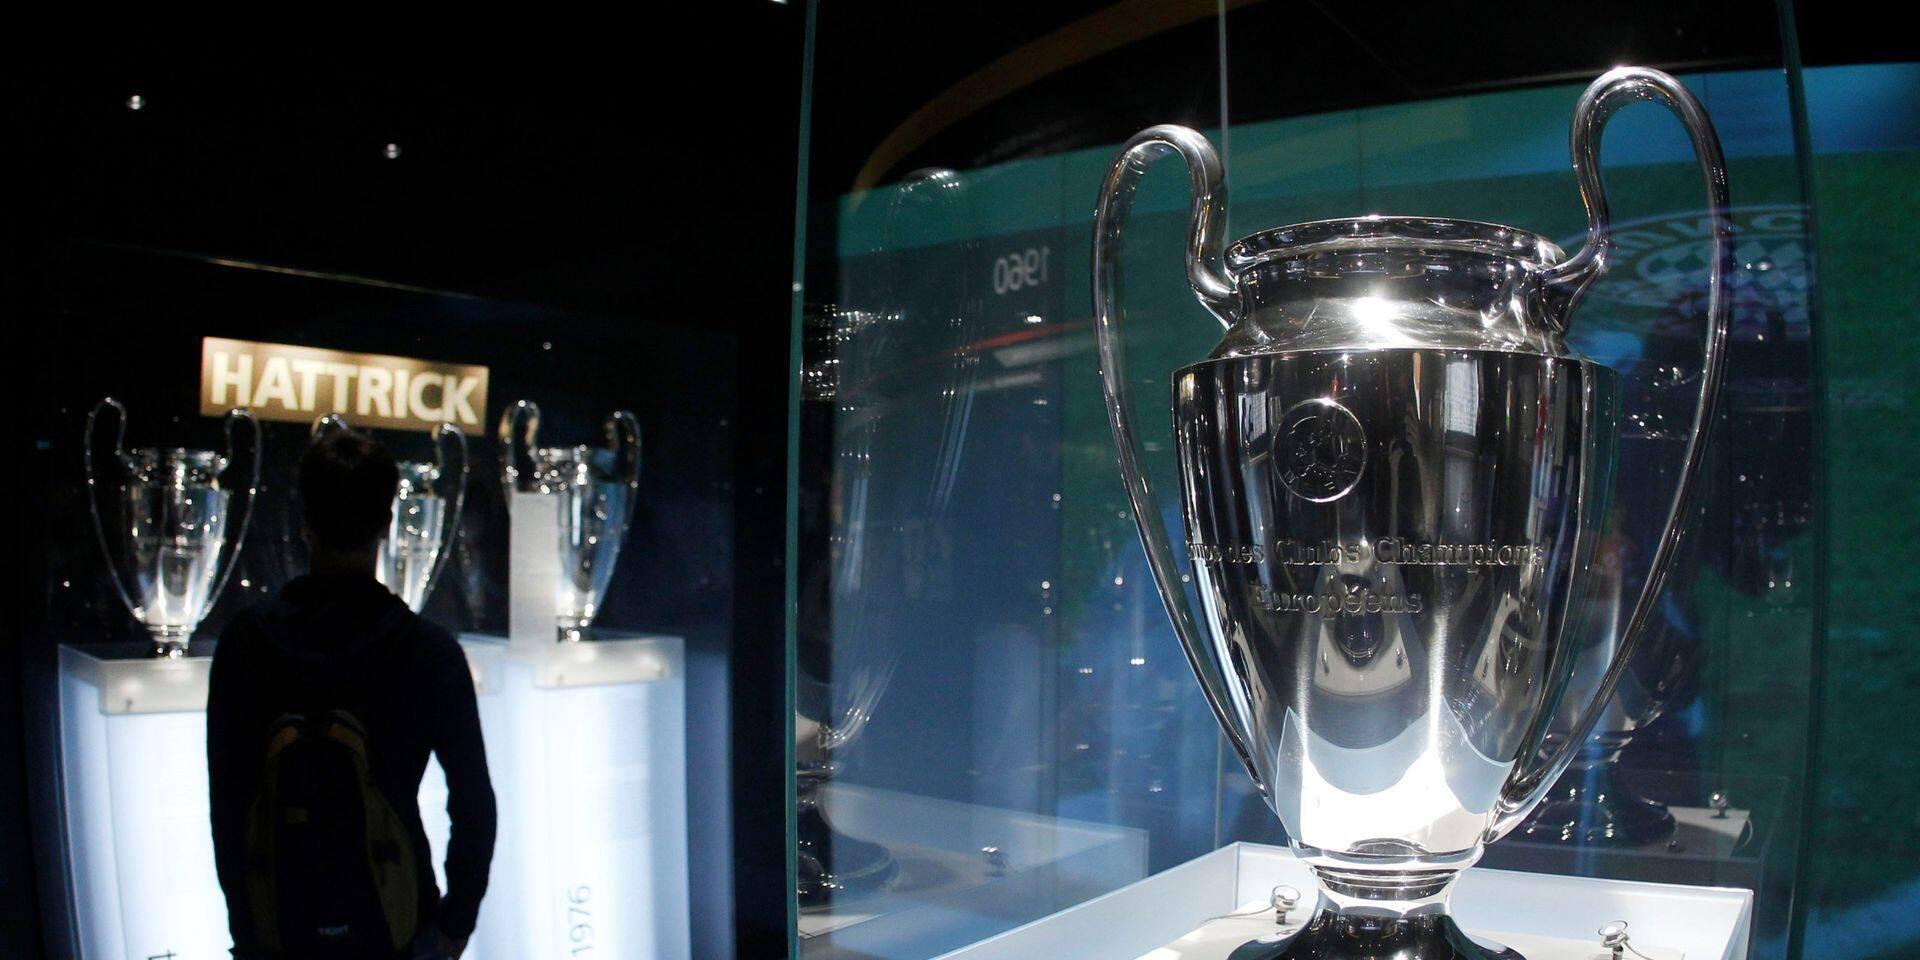 Pendant ce temps, l'UEFA annonce l'adoption d'un nouveau format pour la Ligue des champions en 2024